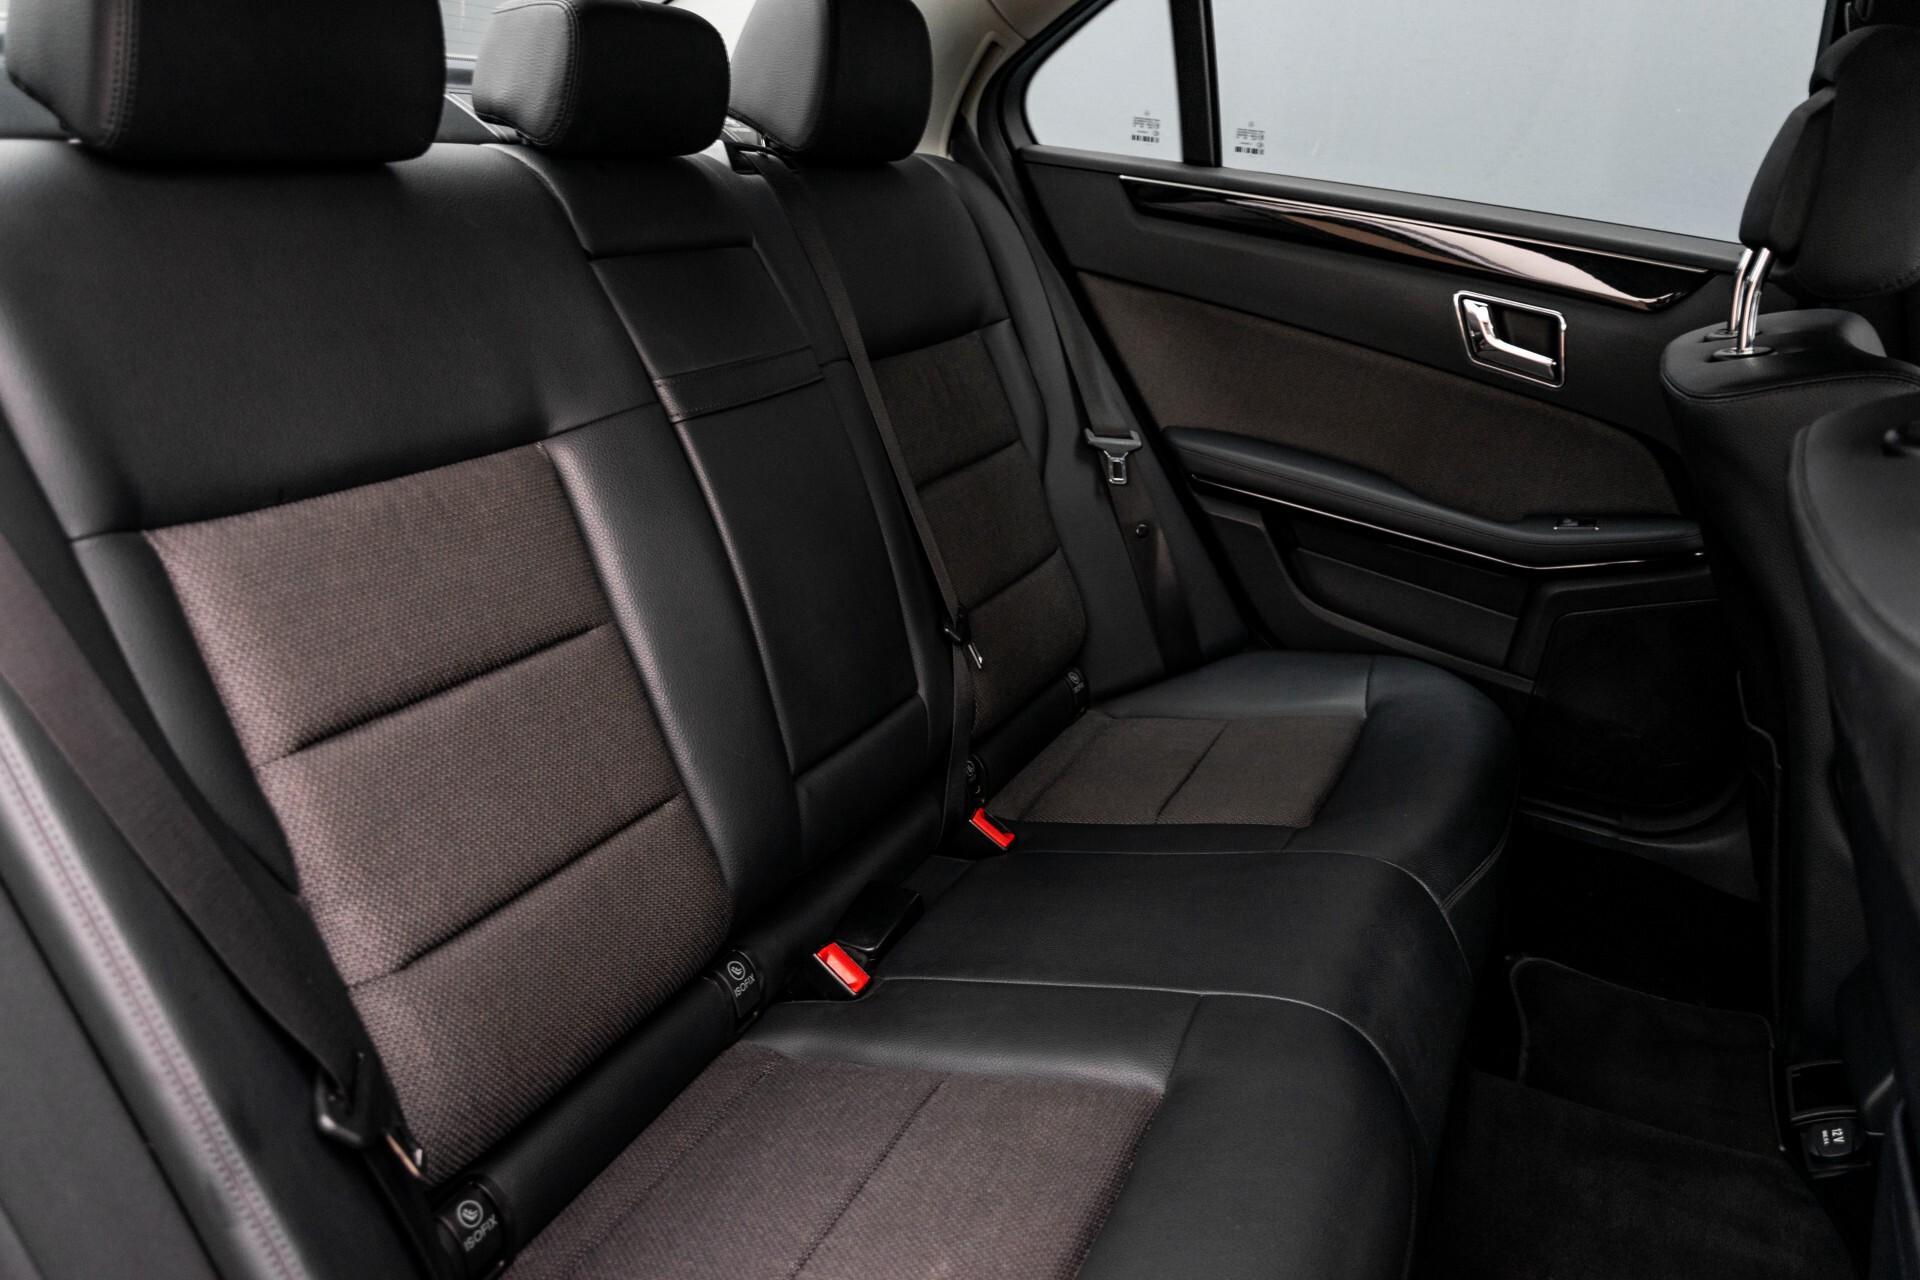 Mercedes-Benz E-Klasse 200 CGI Avantgarde Busines Class Aut5 Foto 4